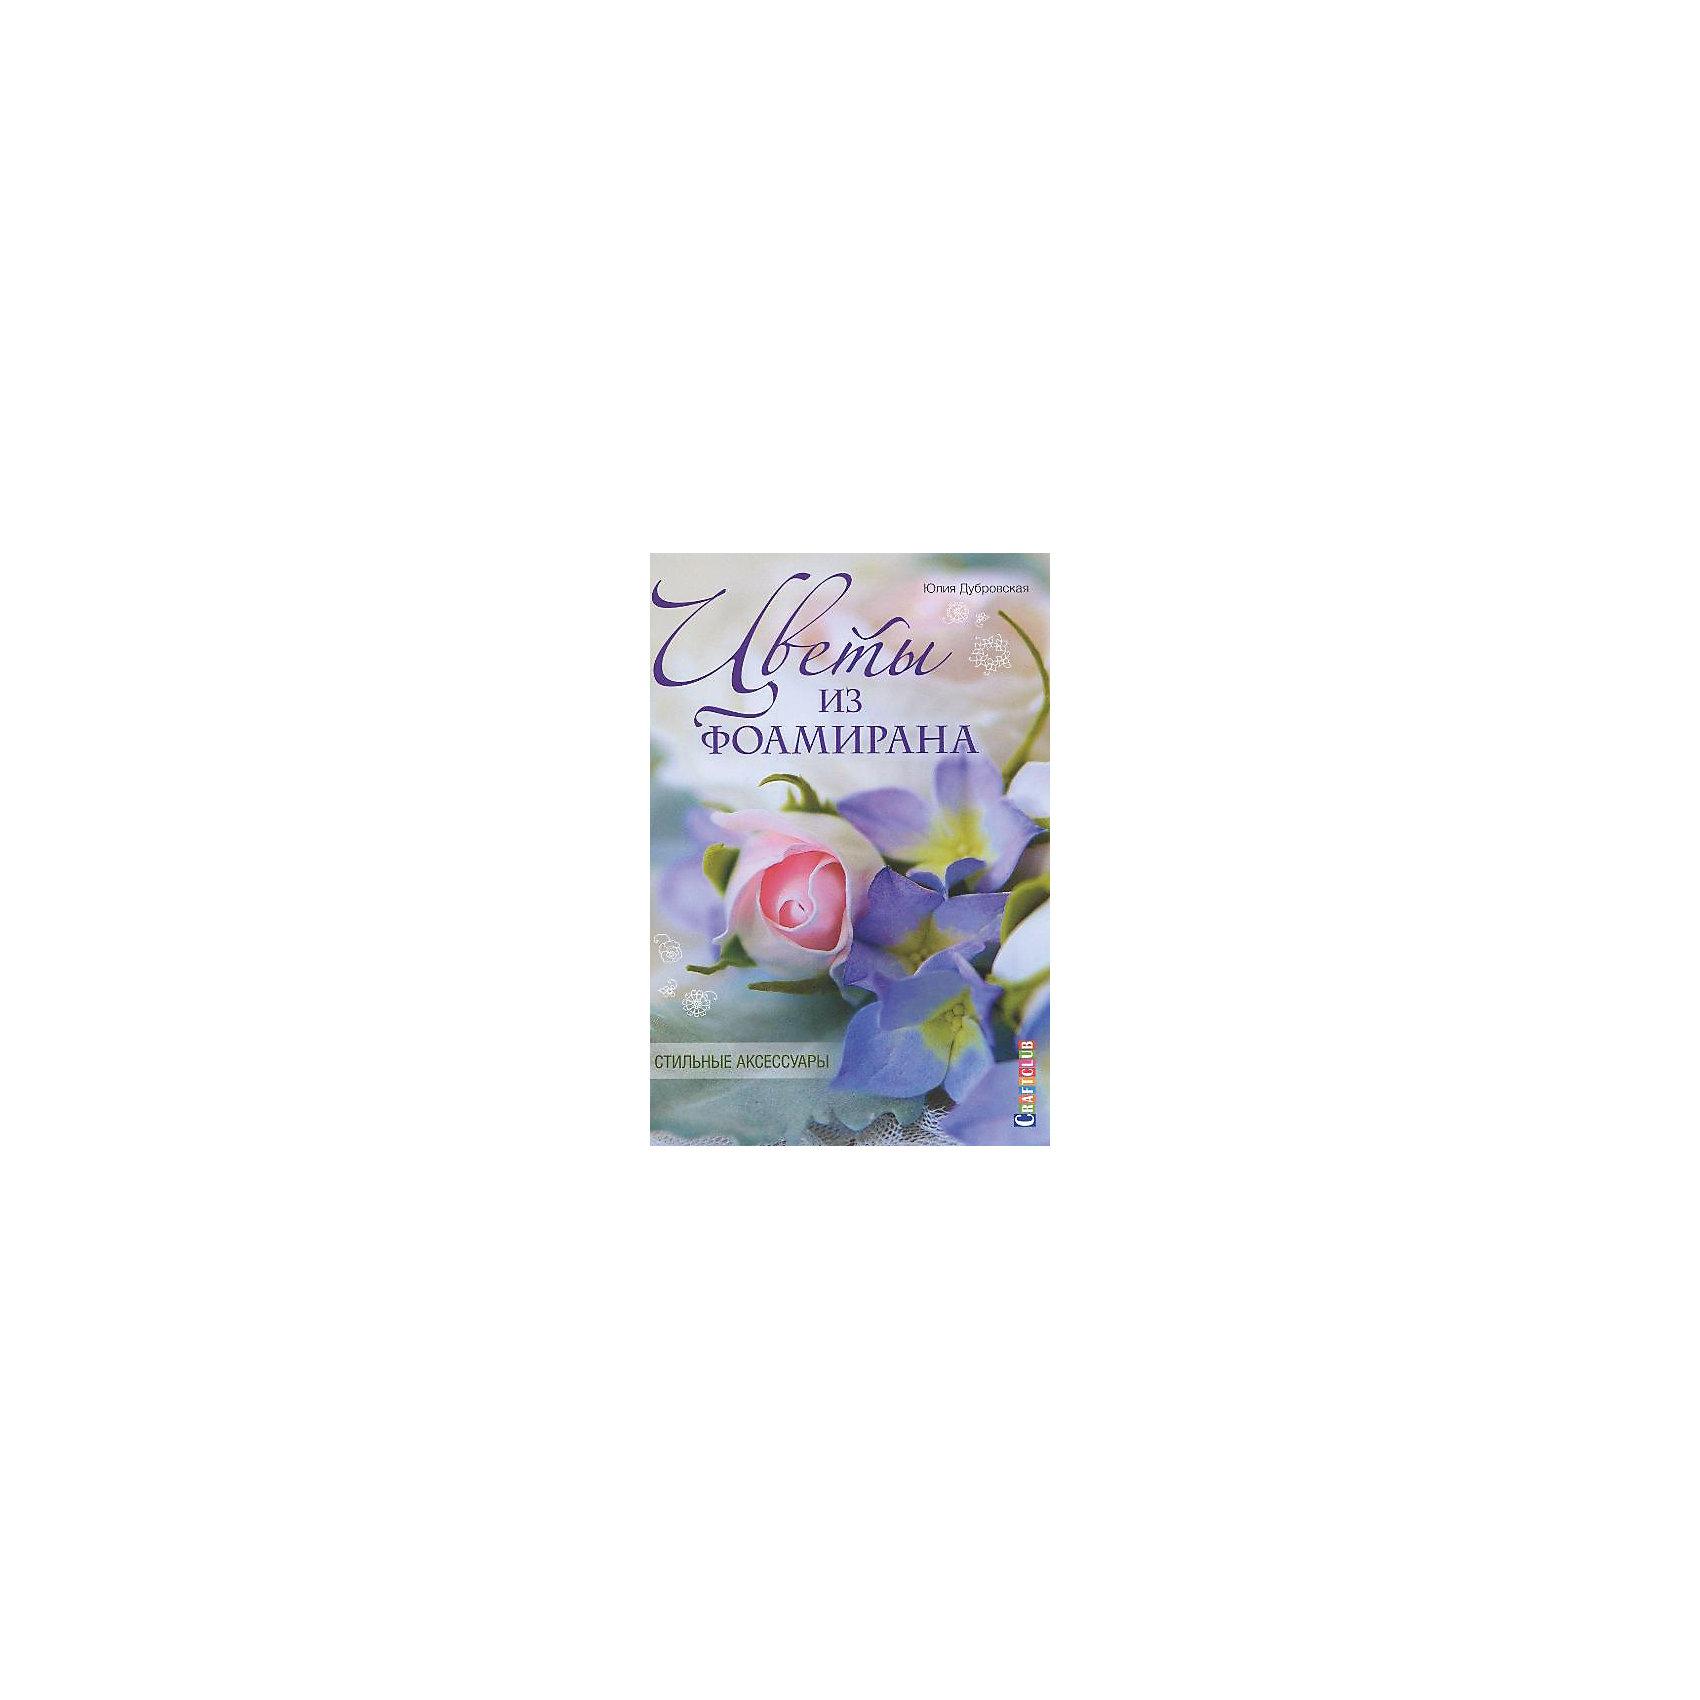 Цветы из фоамирана.Стильные аксессуарыВ первой части книги подробно рассказано о фом-флористике – искусстве создания цветов из фоамирана. Какие материалы потребуются для изготовления работ, как сделать реалистичный цветок с тонкими изящными лепестками, закрепить цветы на заколке или венке? На все эти и другие вопросы ответит автор. Также вы узнаете множество секретов, которые помогут вам создать рукотворные шедевры.<br>Во второй части представлено шесть мастер-классов по созданию цветов. Все они красочно проиллюстрированы и содержат большое количество полезных советов.<br>И наконец, третья часть посвящена сборке утонченных и стильных цветочных аксессуаров.<br><br>Издание предназначено для широкого круга читателей, будет интересно как начинающим рукодельницам, так и мастерицам со стажем.<br><br>Ширина мм: 165<br>Глубина мм: 7<br>Высота мм: 240<br>Вес г: 245<br>Возраст от месяцев: 192<br>Возраст до месяцев: 540<br>Пол: Унисекс<br>Возраст: Детский<br>SKU: 5162740